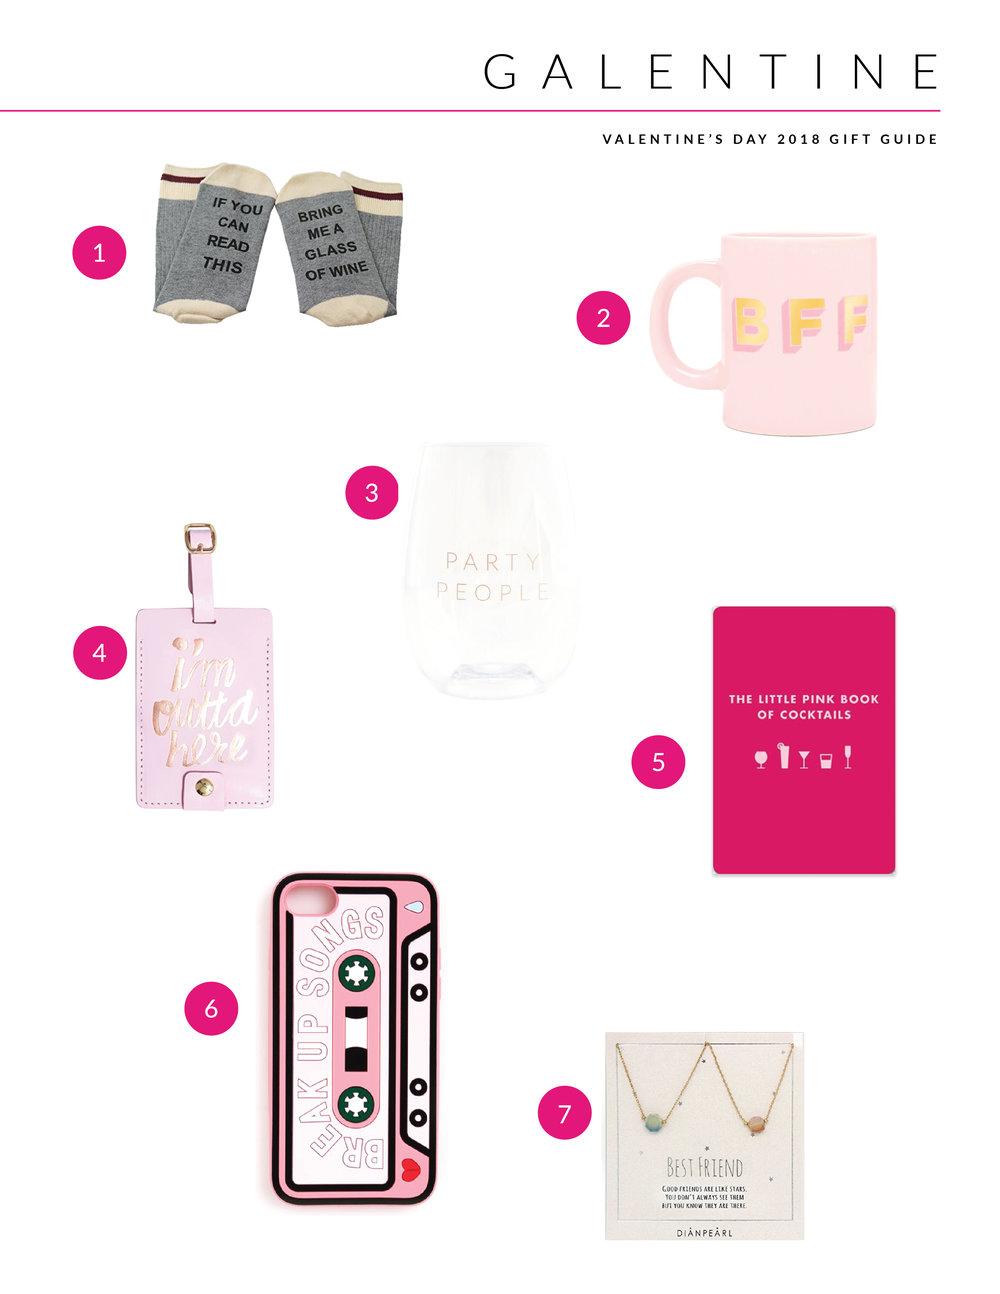 v-day-gift-guide-02.jpg